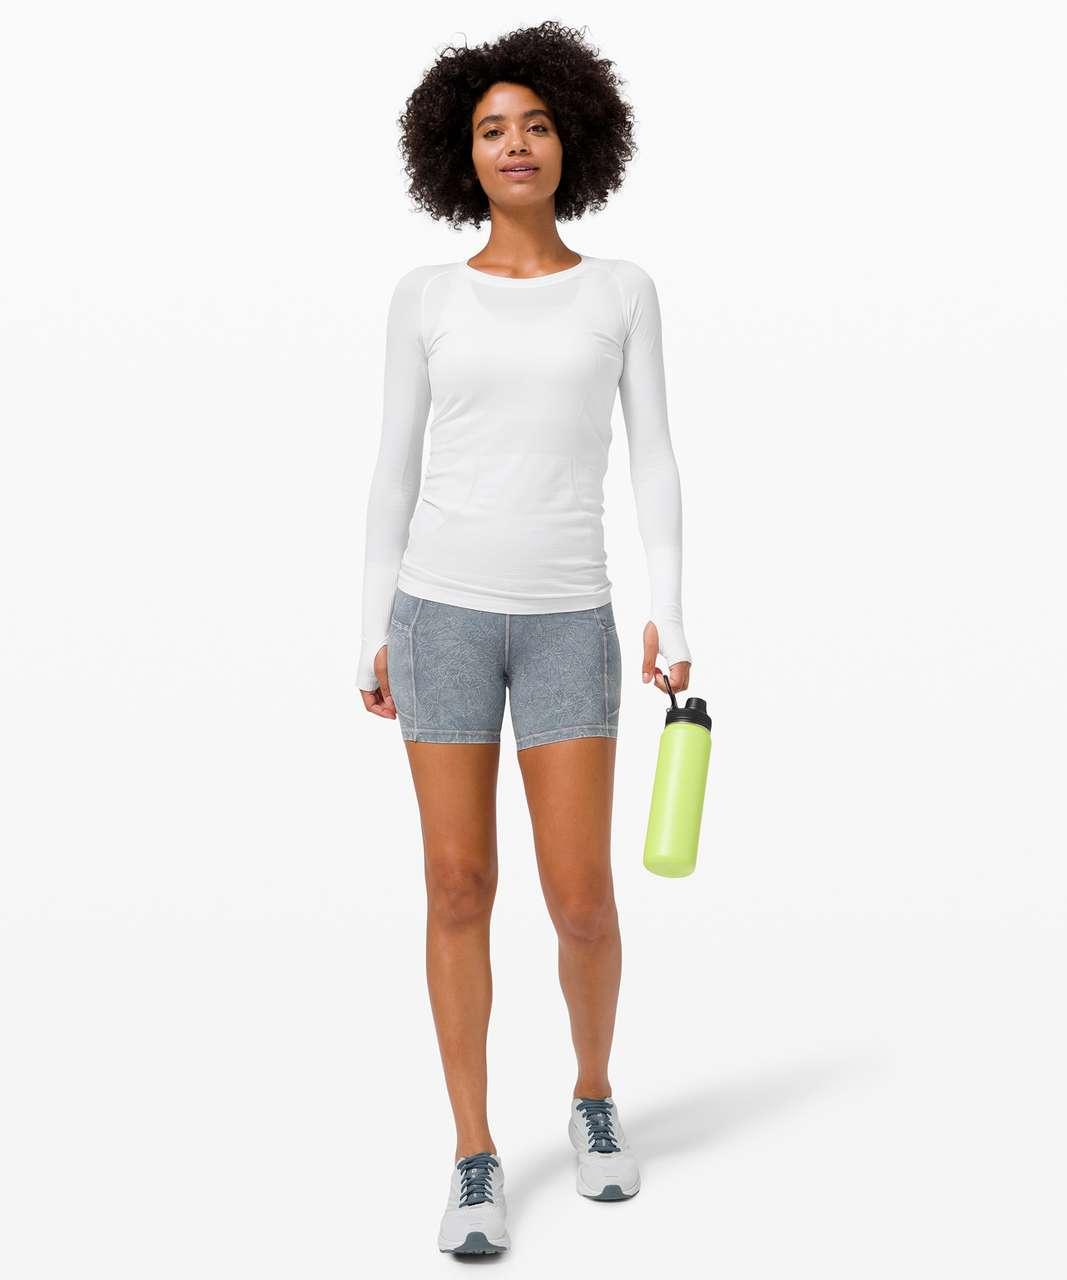 """Lululemon Fast and Free Short 6"""" Ice Dye *Non-Reflective - Ice Wash Asphalt Grey"""